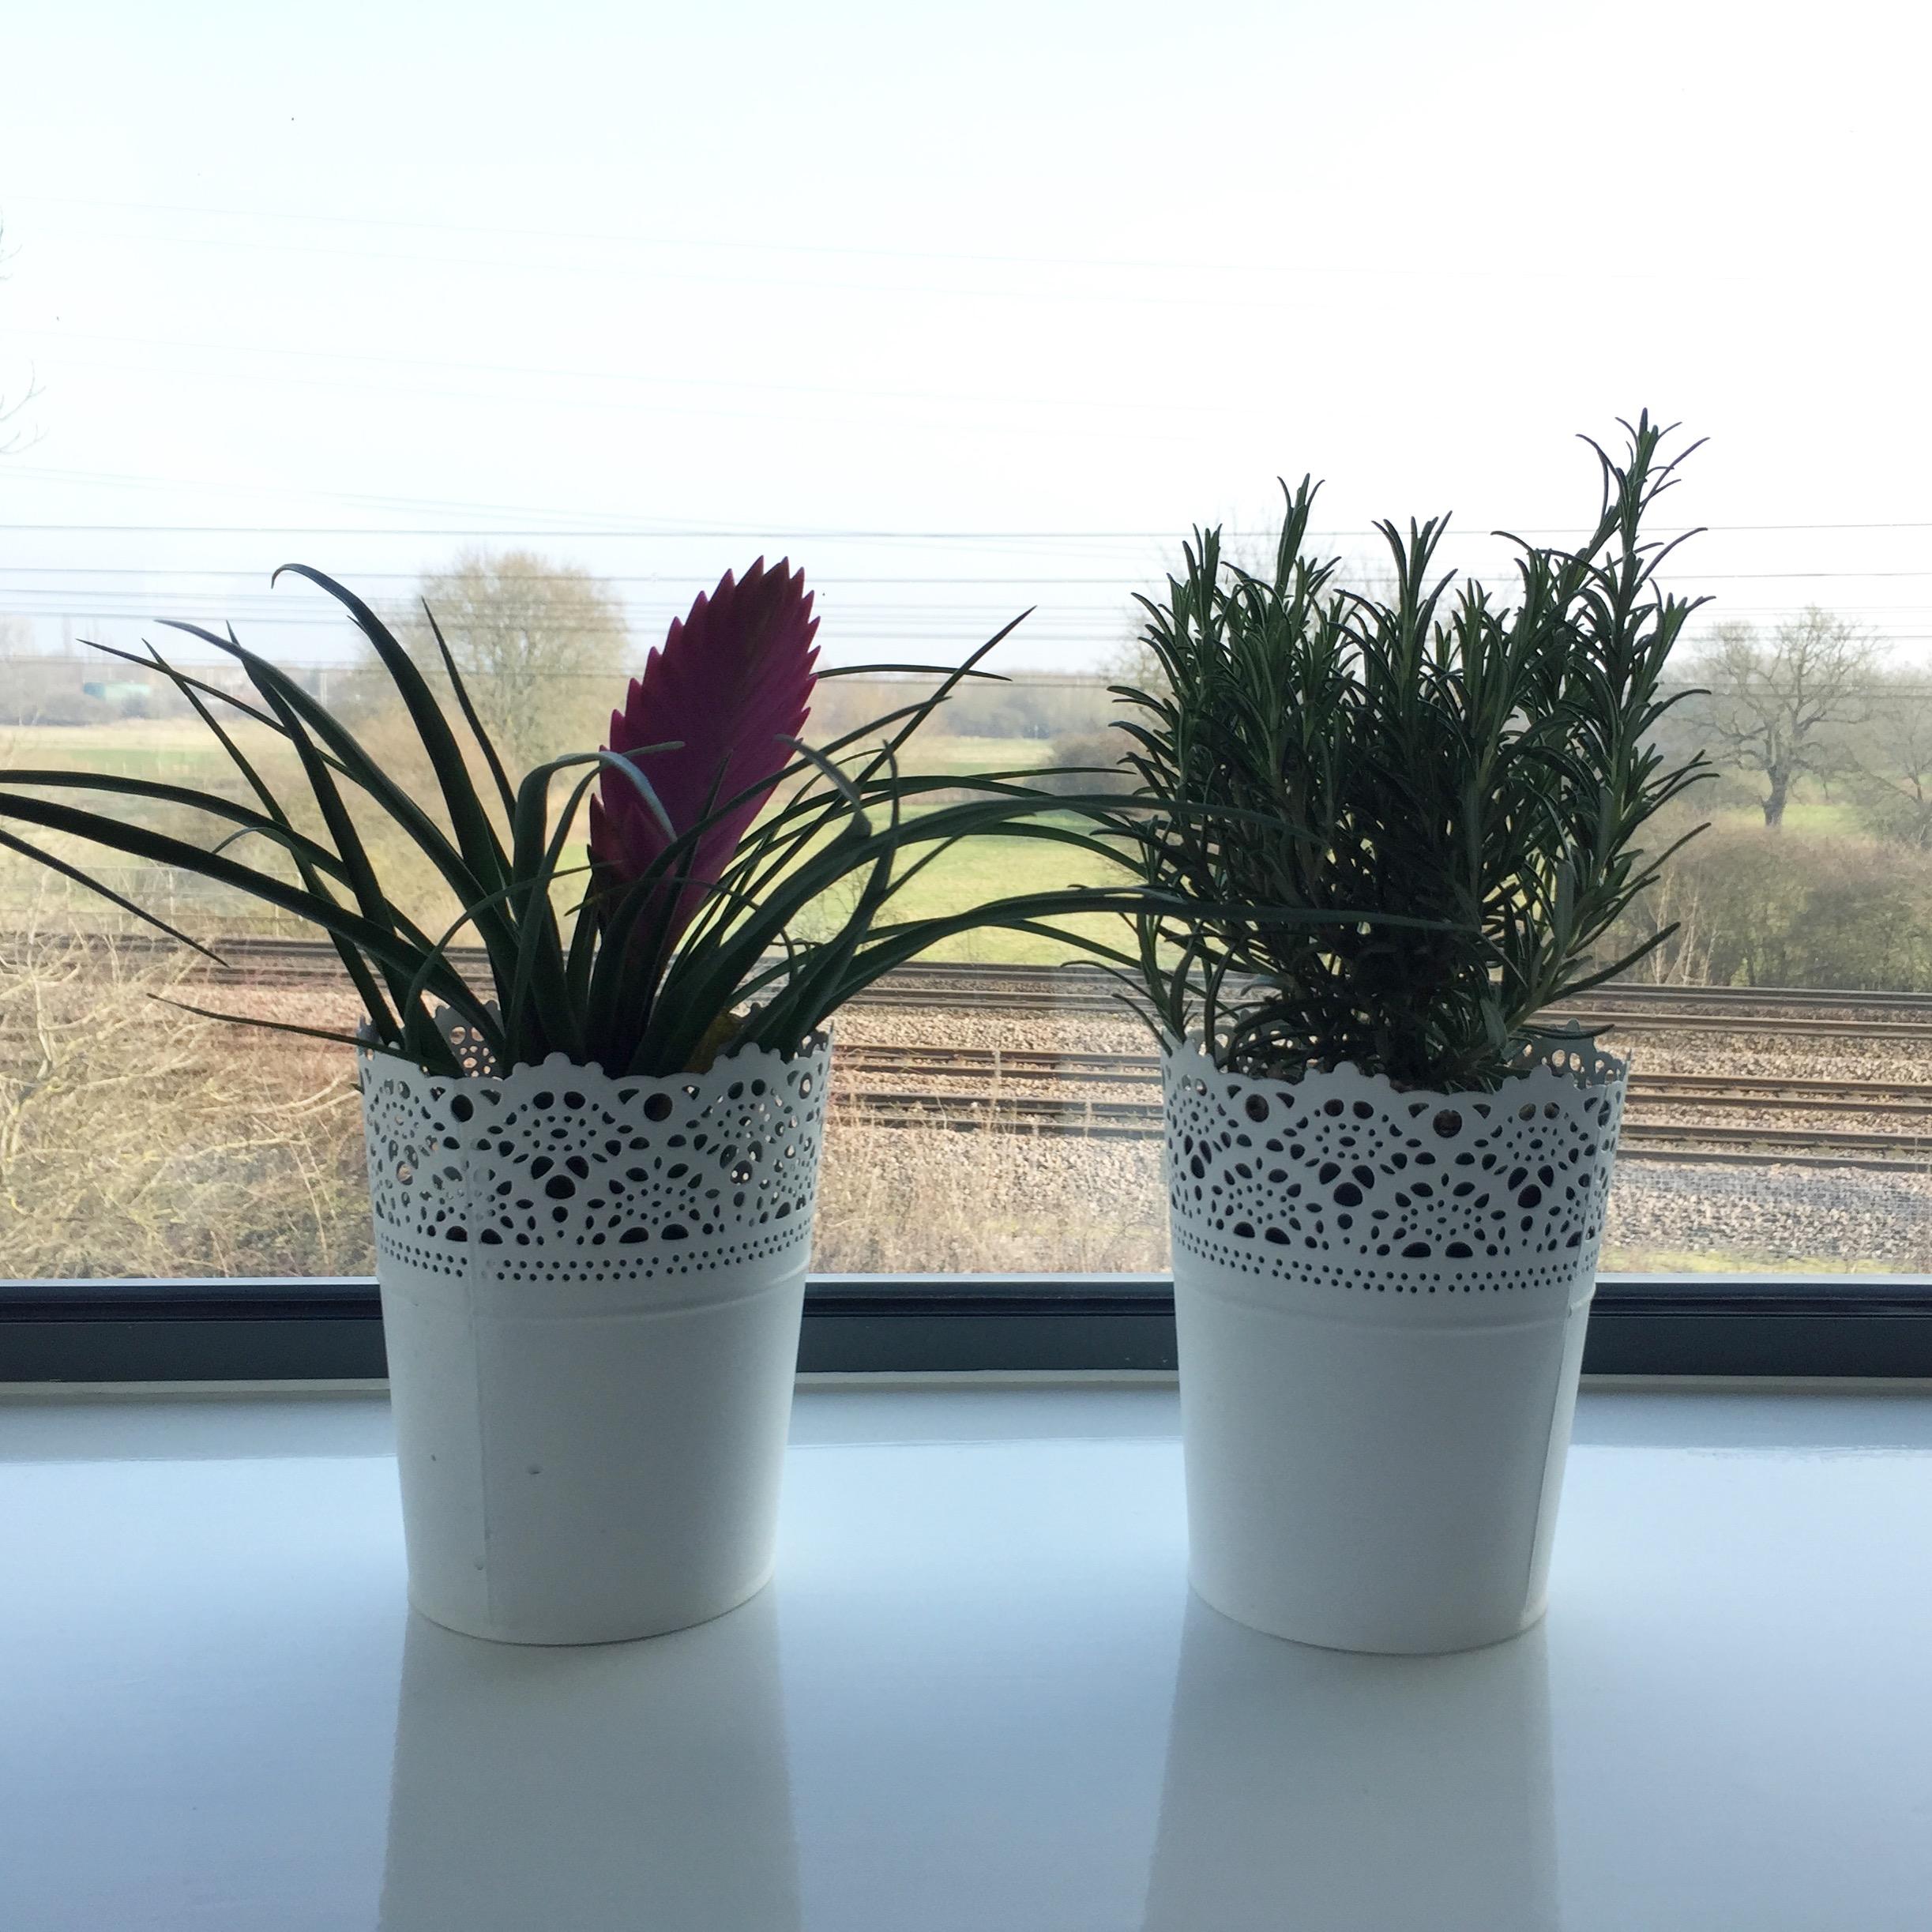 Ikea plants on windowsill